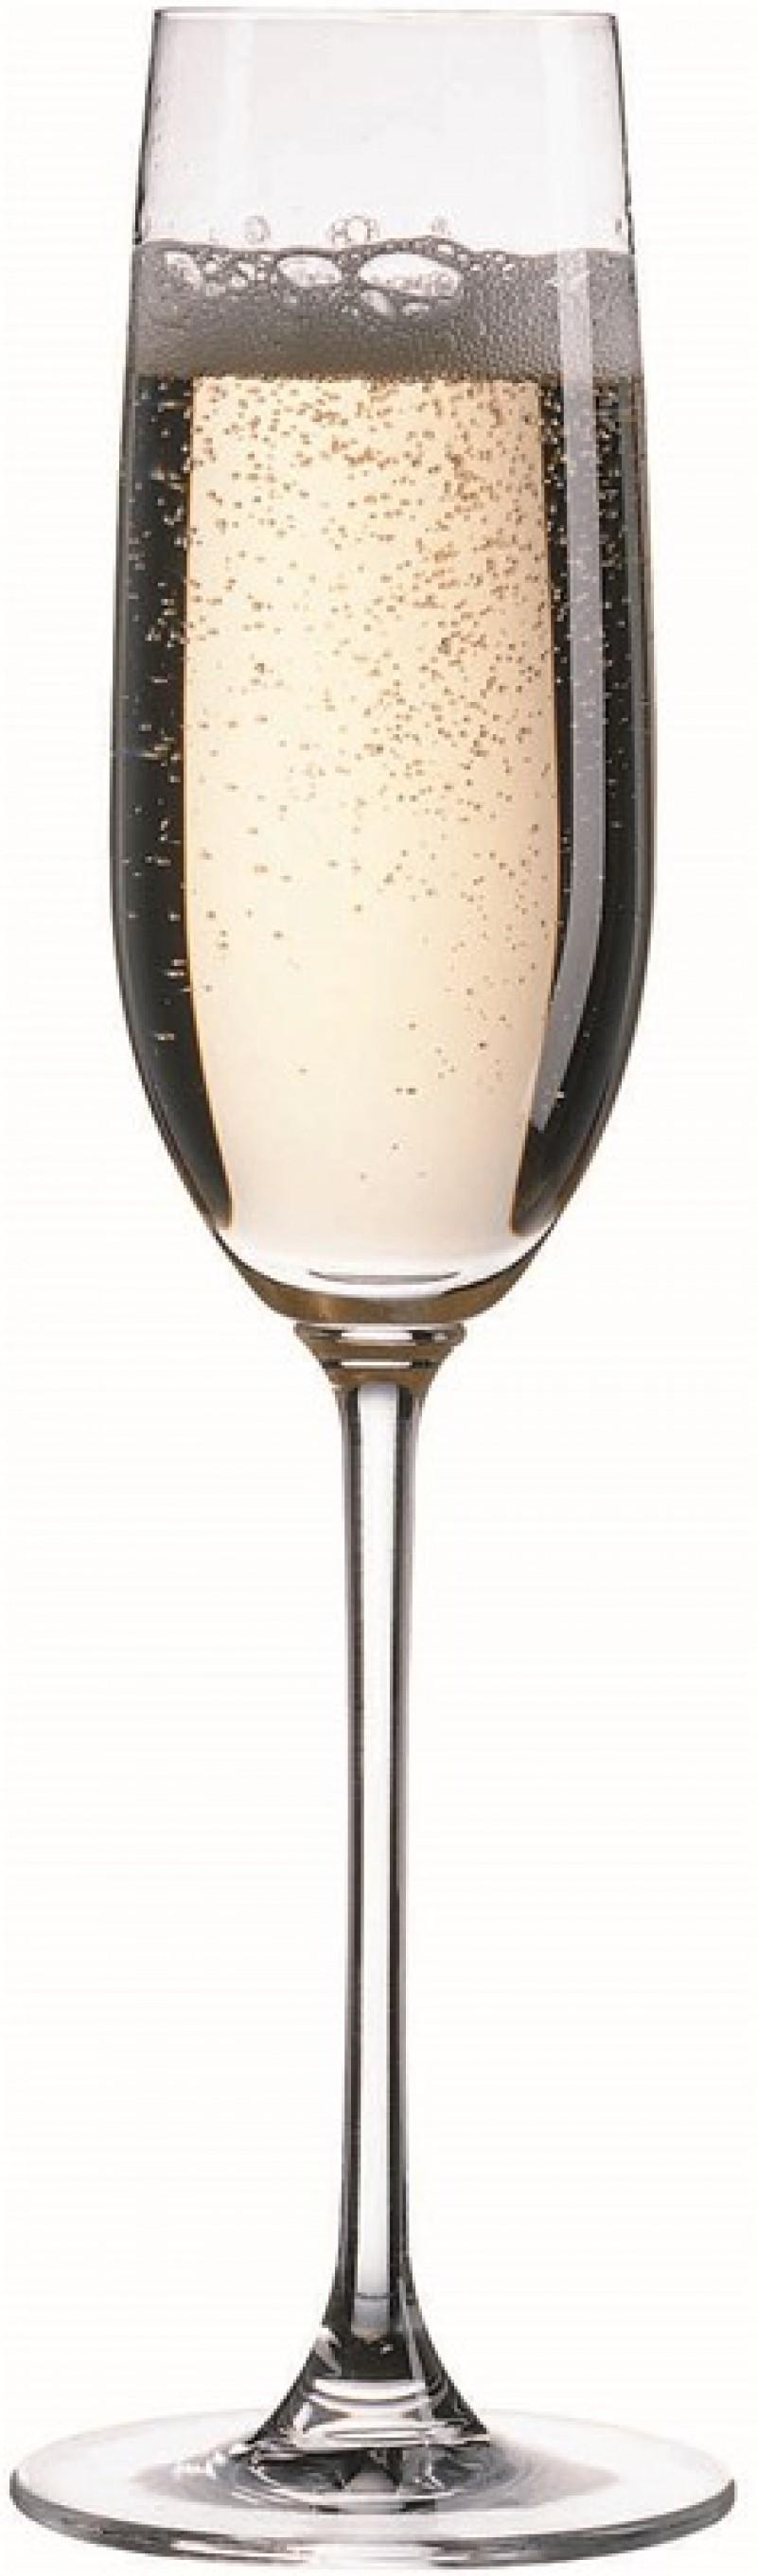 Ποτήρι Σετ 6τμχ Σαμπάνιας Vintage NUDE 220ml NU66112-6 – NUDE – NU66112-6-1